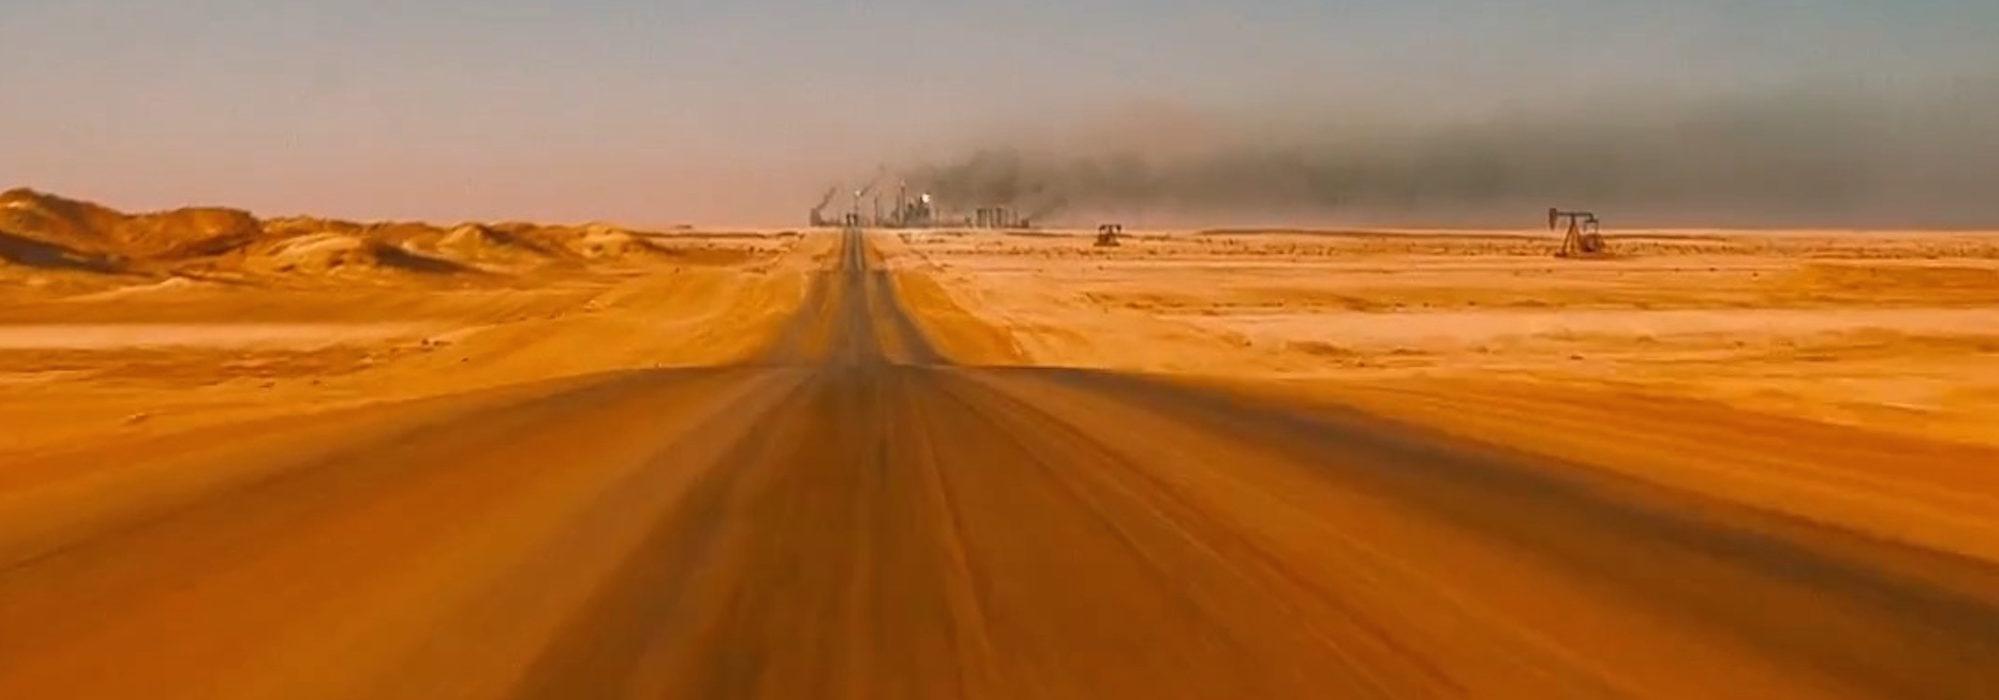 Imagem: filme Mad Max: Estrada da Fúria